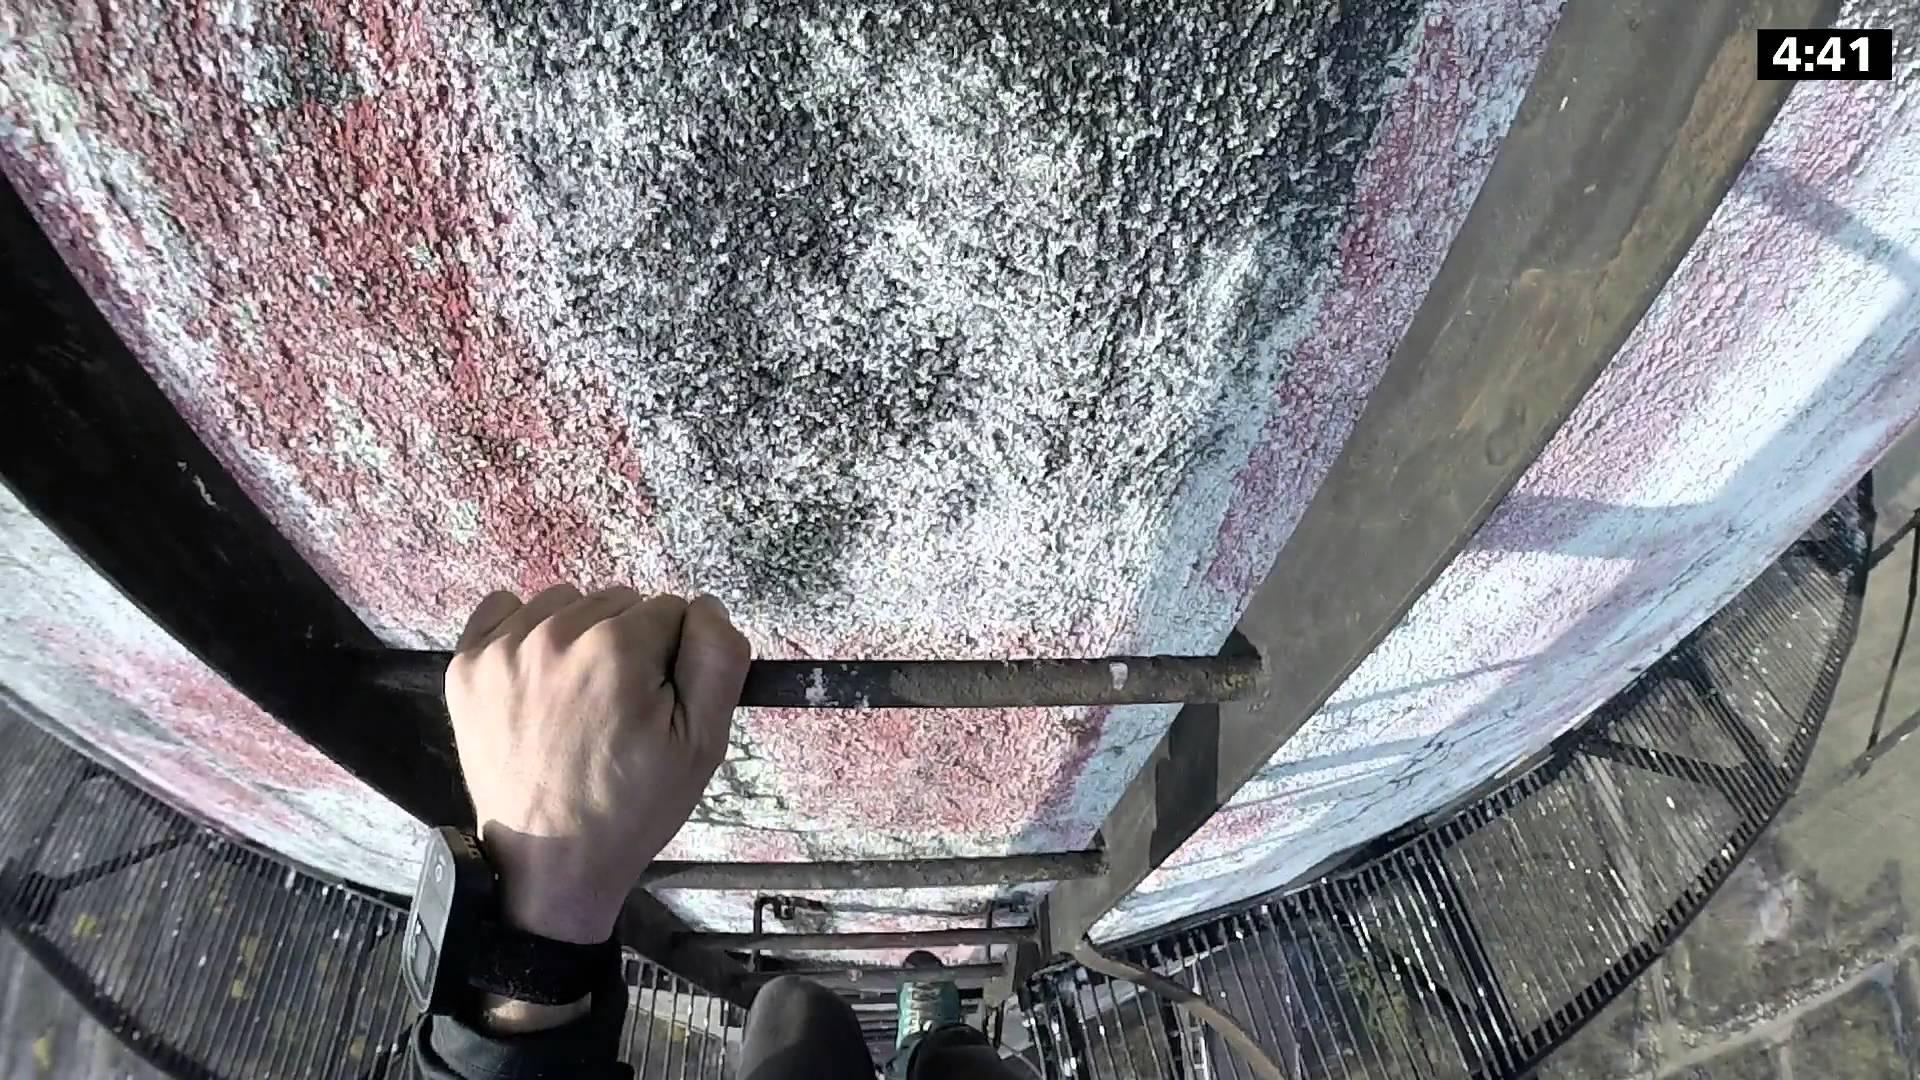 動画越しでも鳥肌が立ちそう……280mの高さの梯子を降りてみた